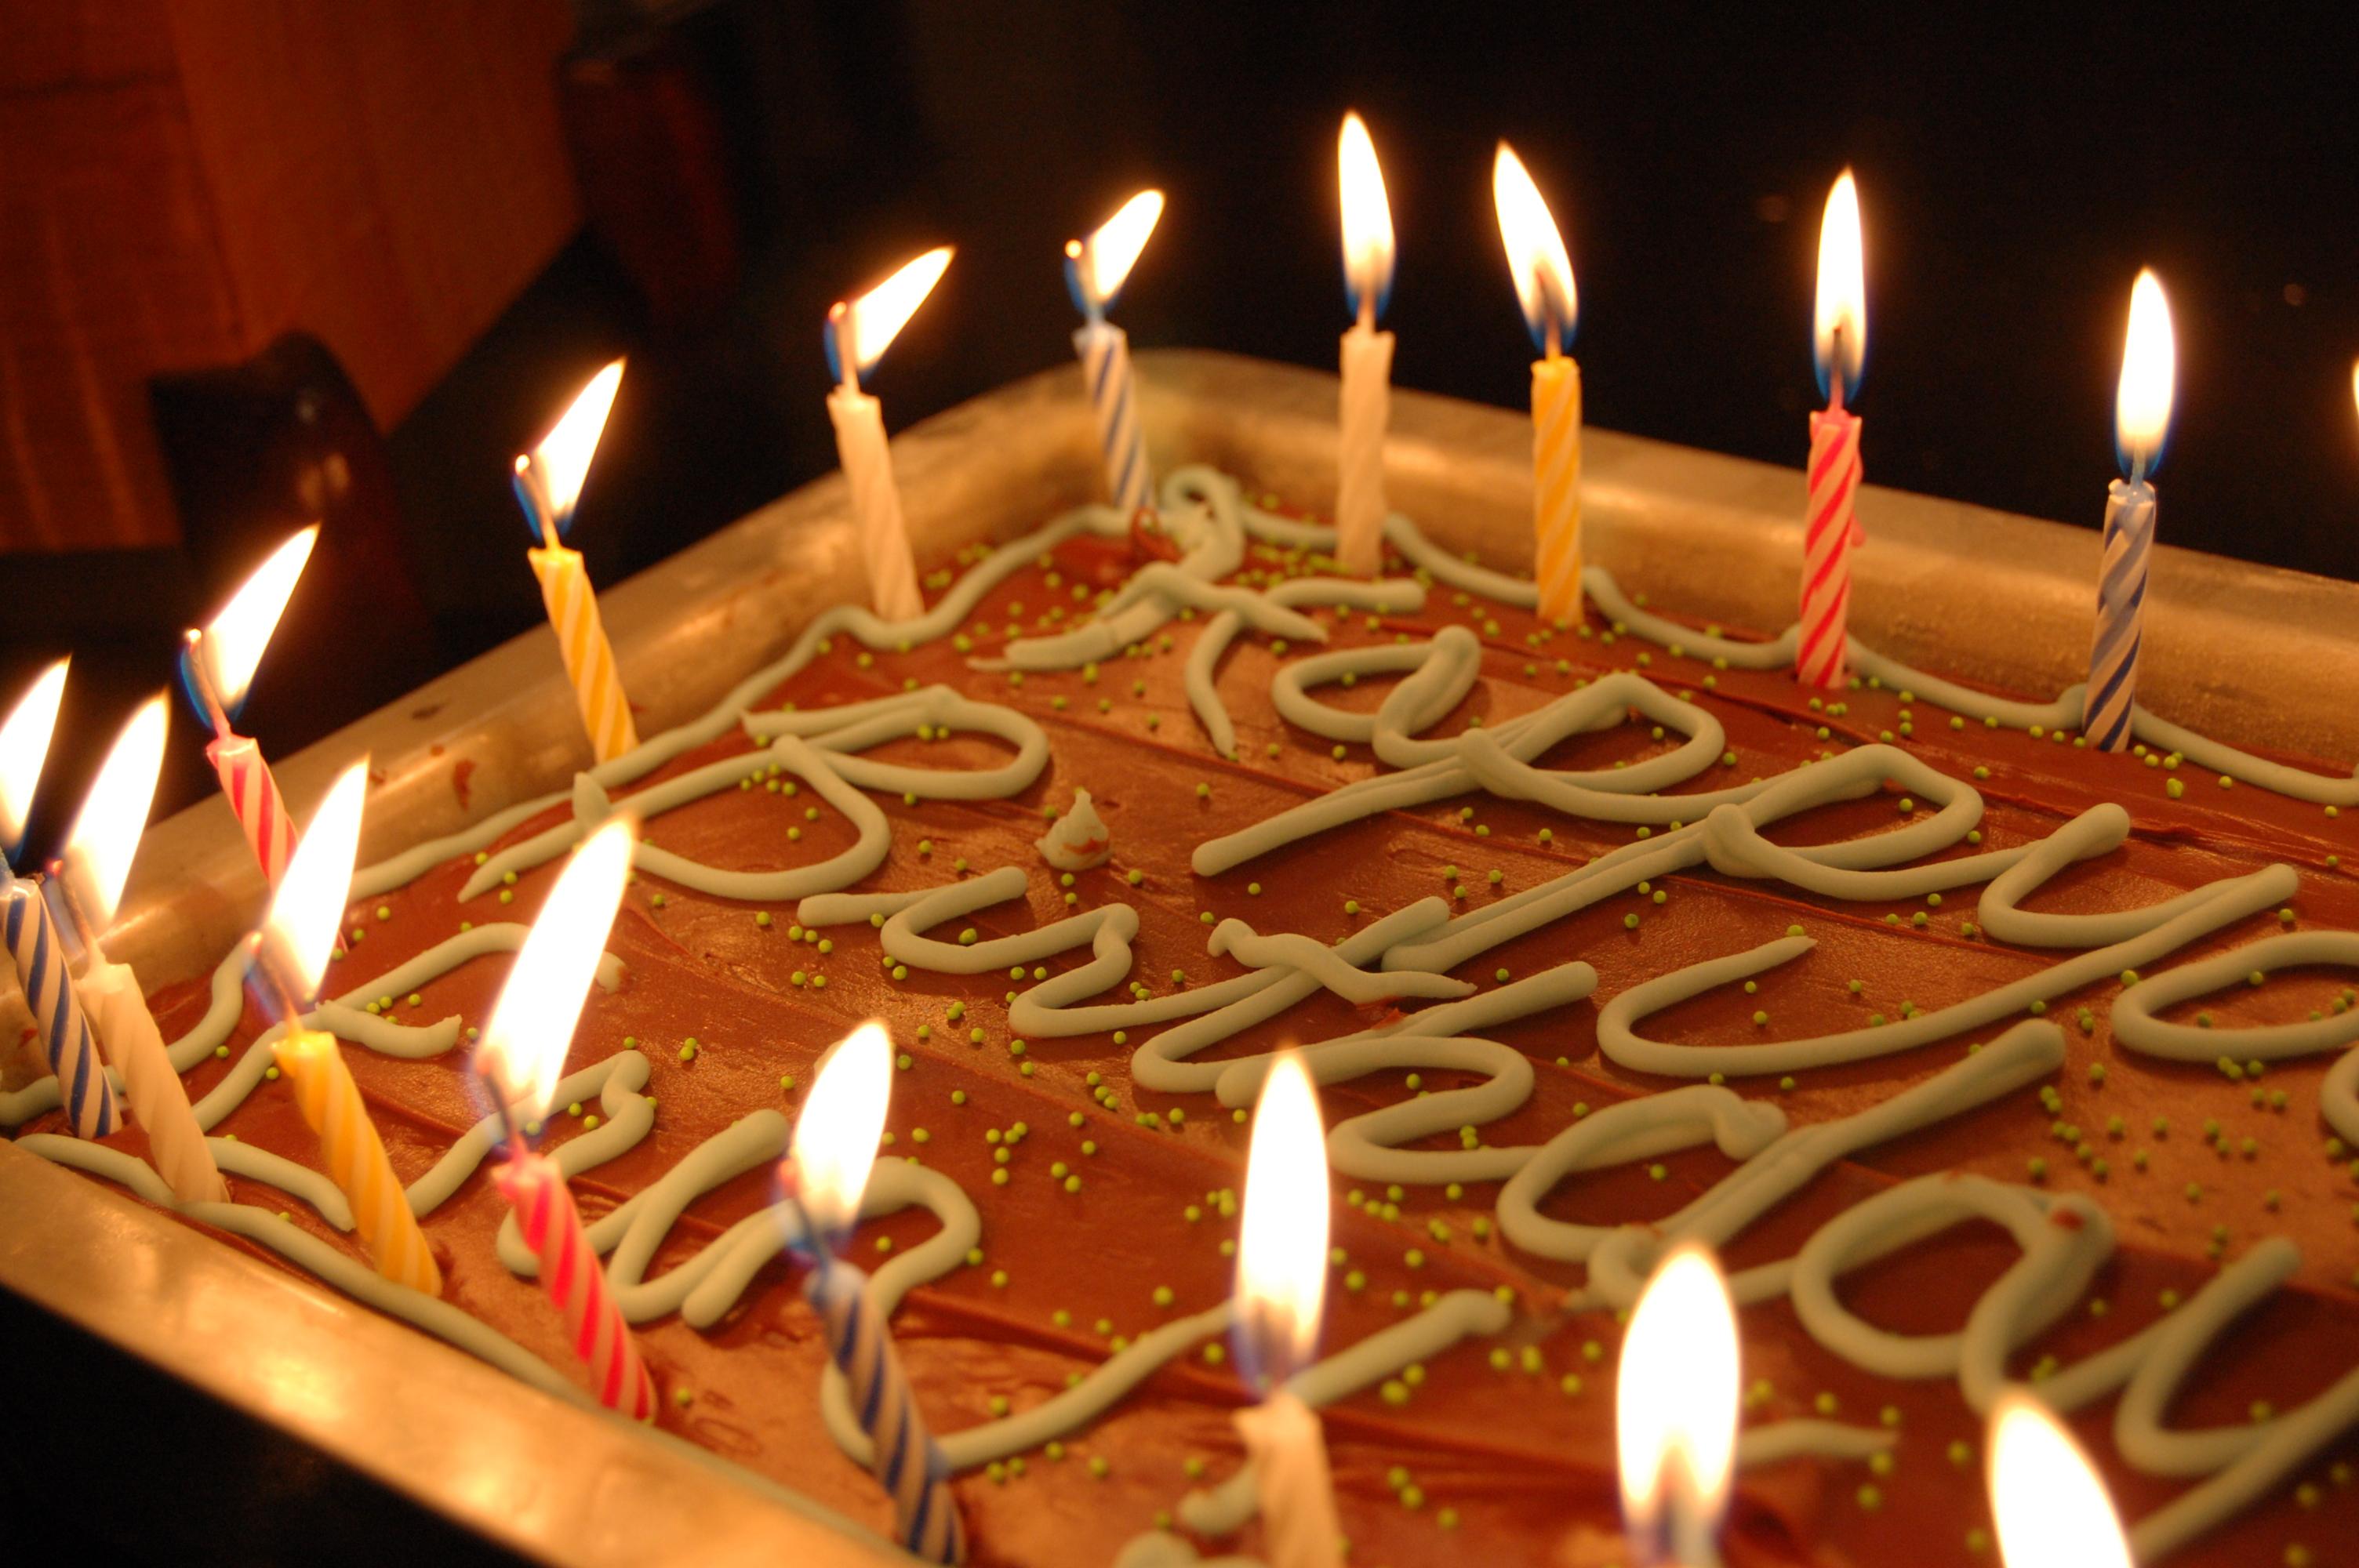 открытка пироги на день рождения решили сравнить